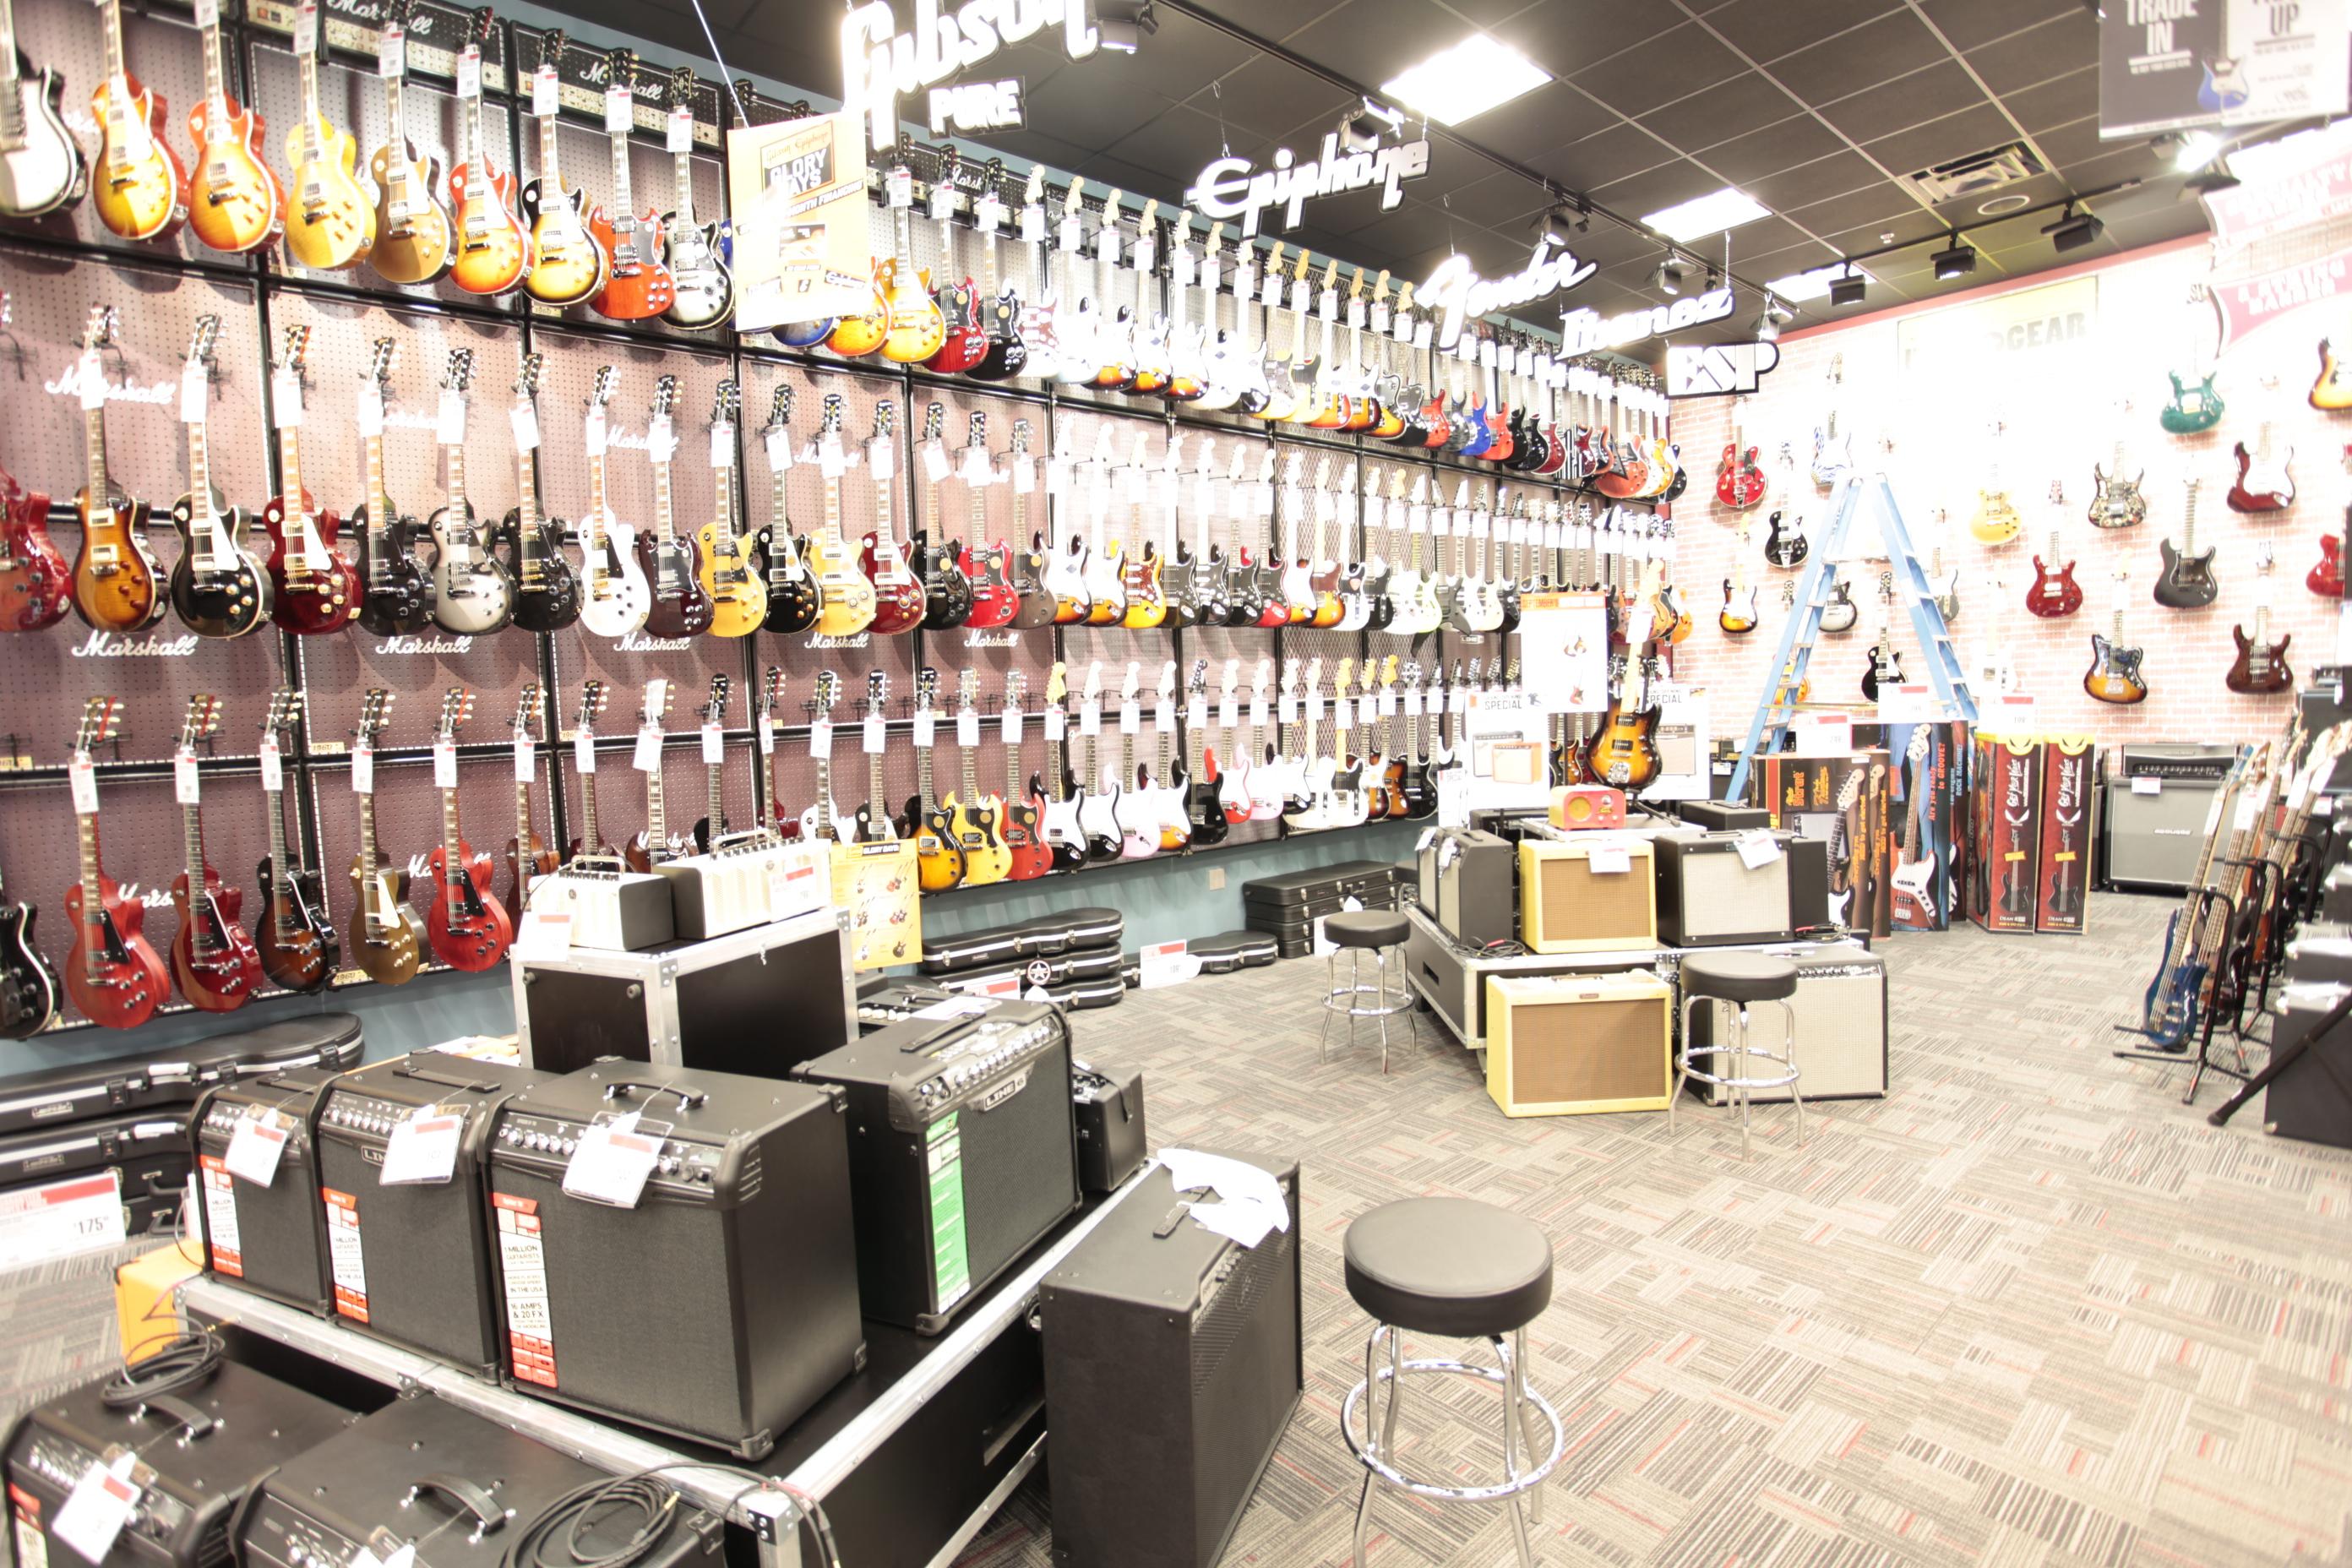 Guitar Center Ocala Fl : guitar center lessons in ocala fl 34474 ~ Hamham.info Haus und Dekorationen